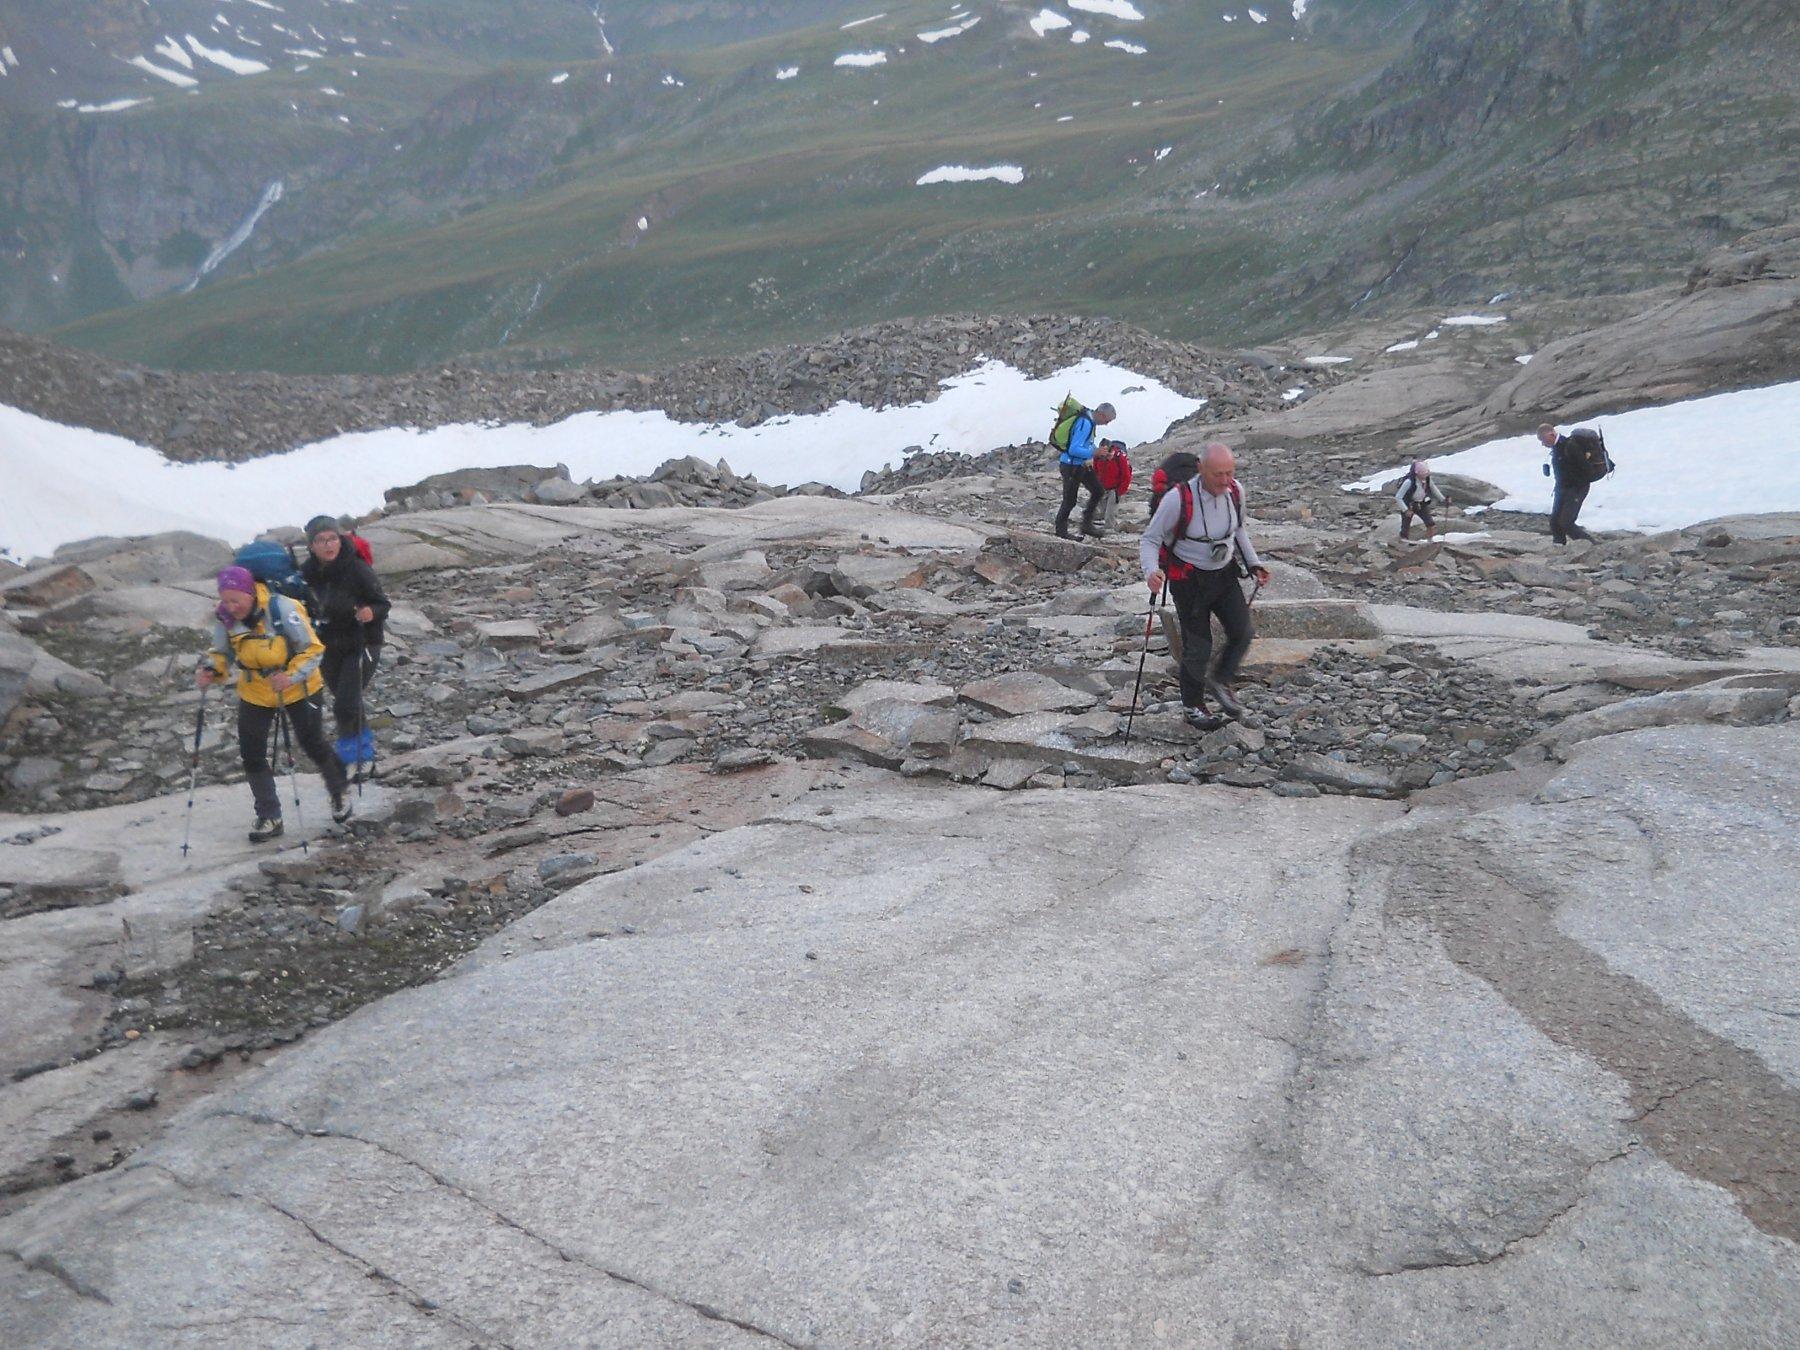 si prosegue in traccia con ometti su rocce montonate